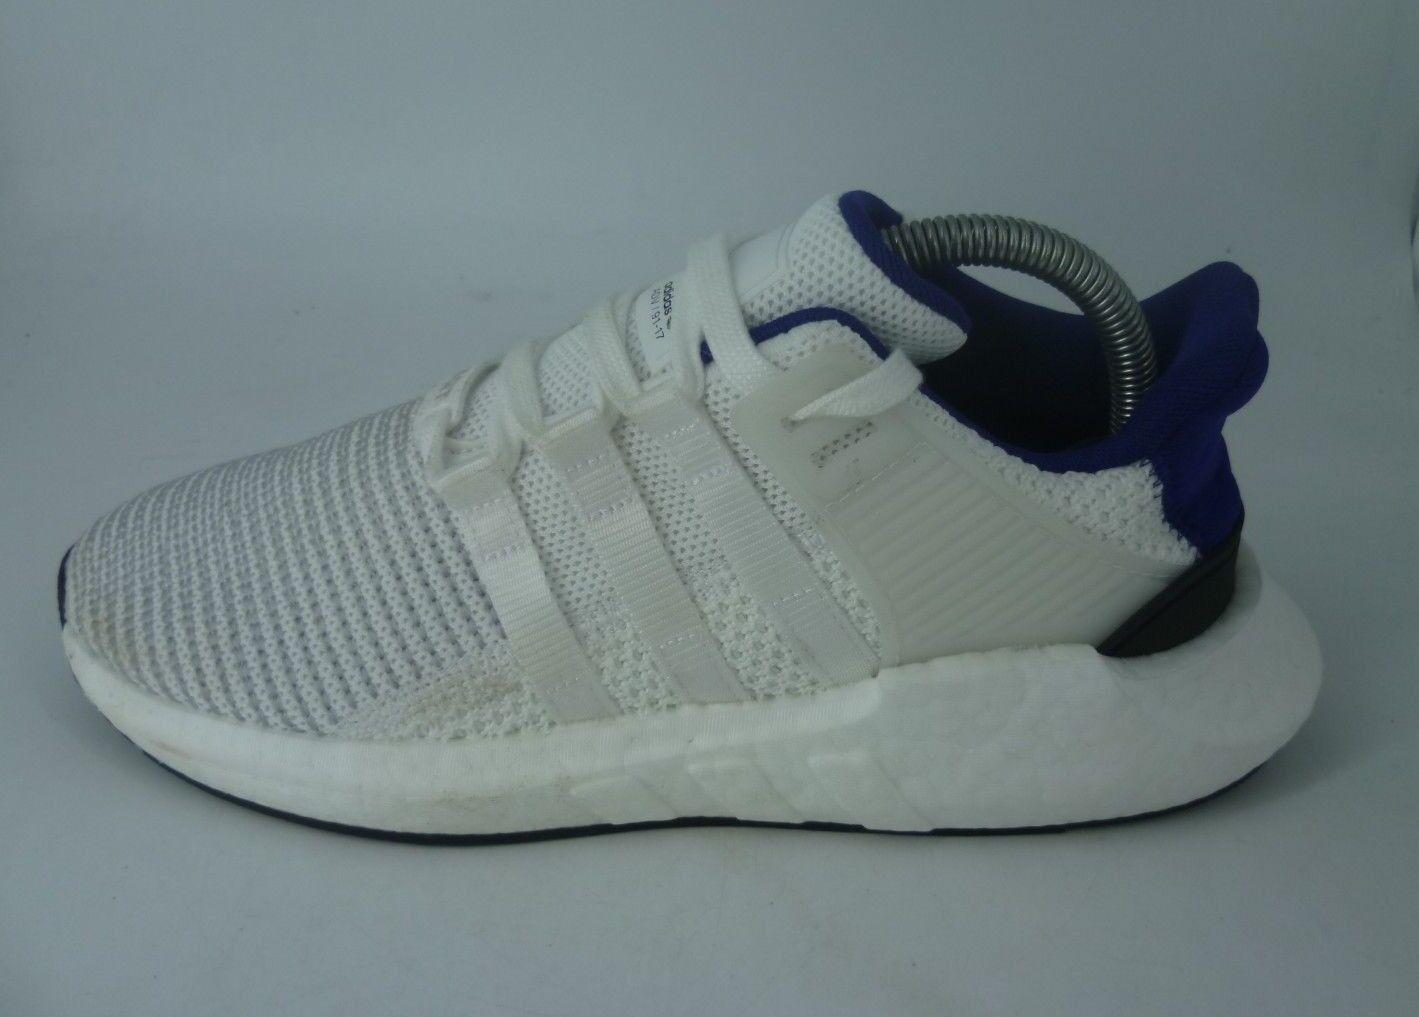 Adidas EQT Support 93 17 Blanc Noir Bleu paniers UK 7 EU 40.6 JS181 AA 08